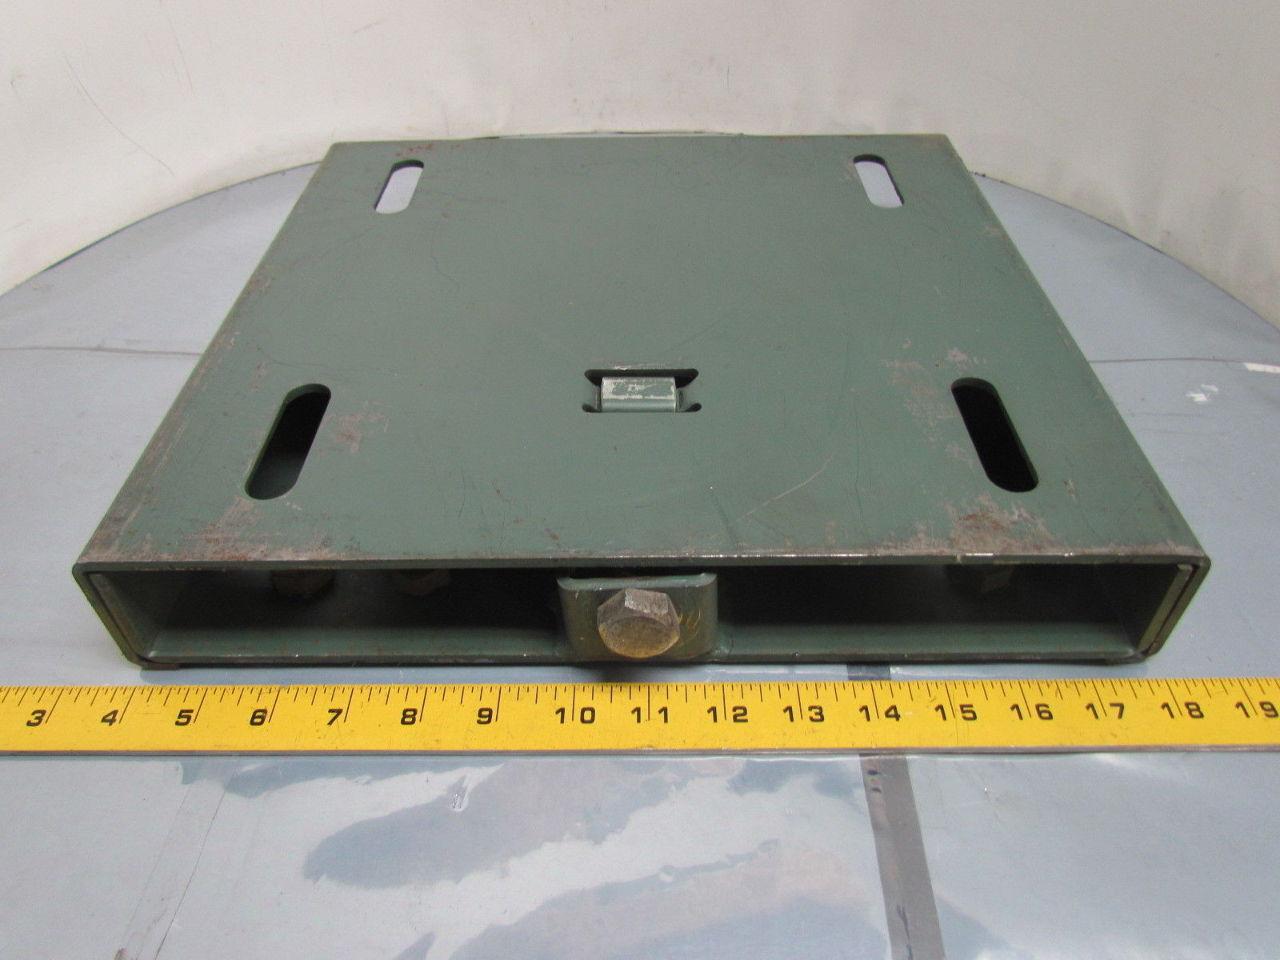 Dodge 122121 100a type a slide motor base adjustable foot for Adjustable motor base mount